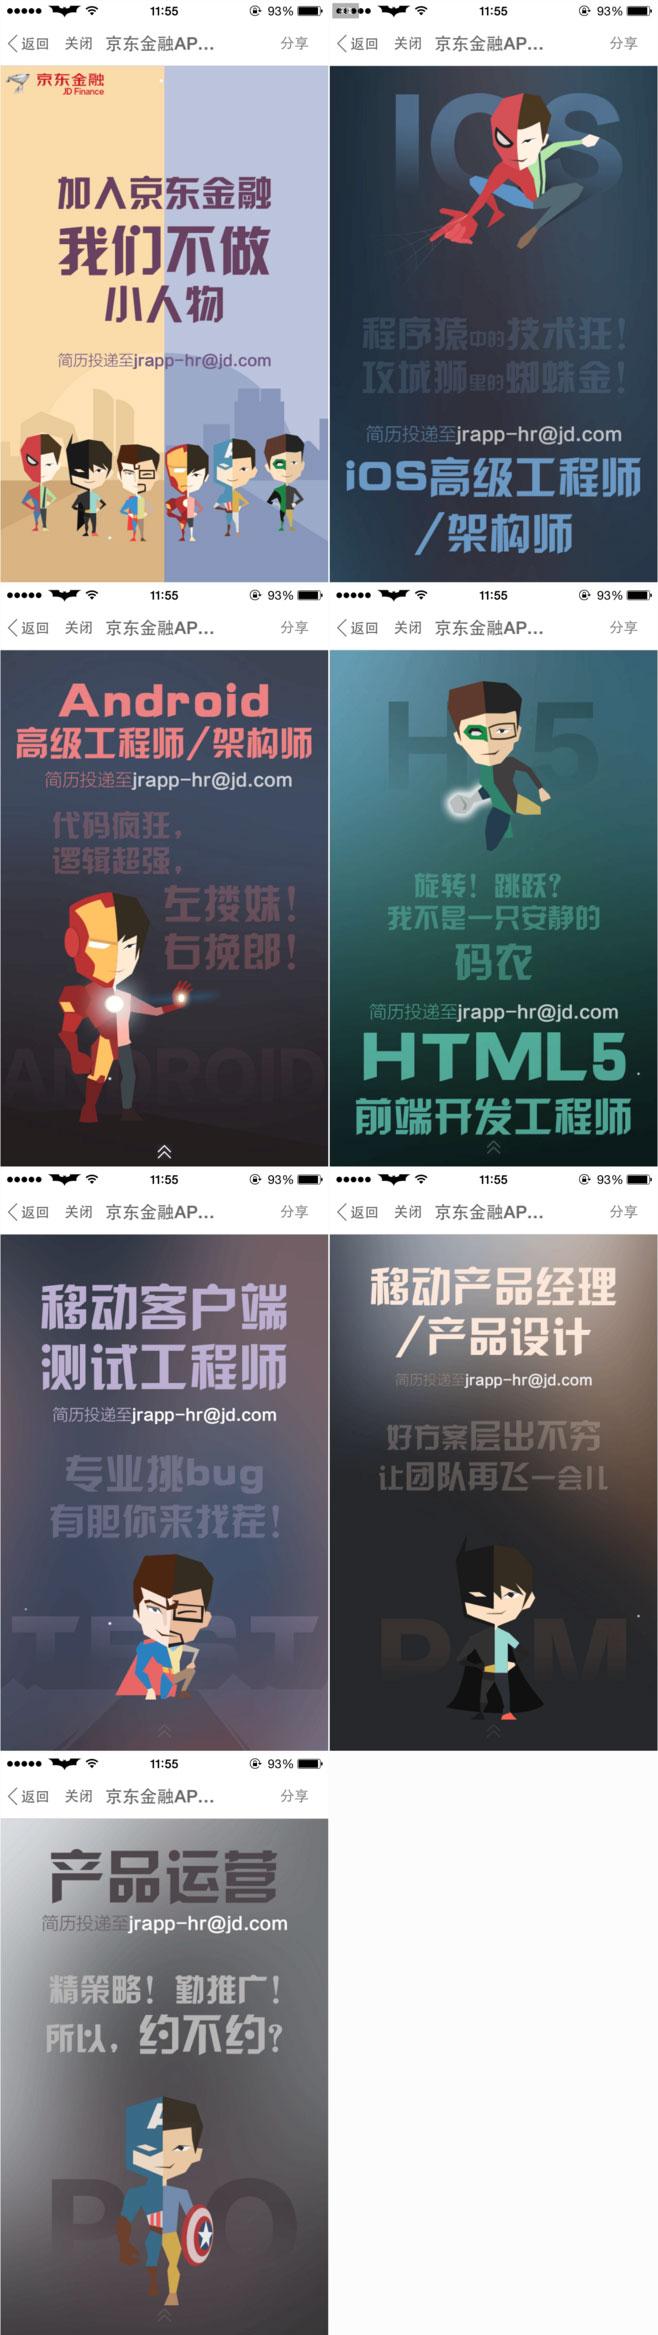 京东金融APP上招聘H5活动宣传页设计欣赏